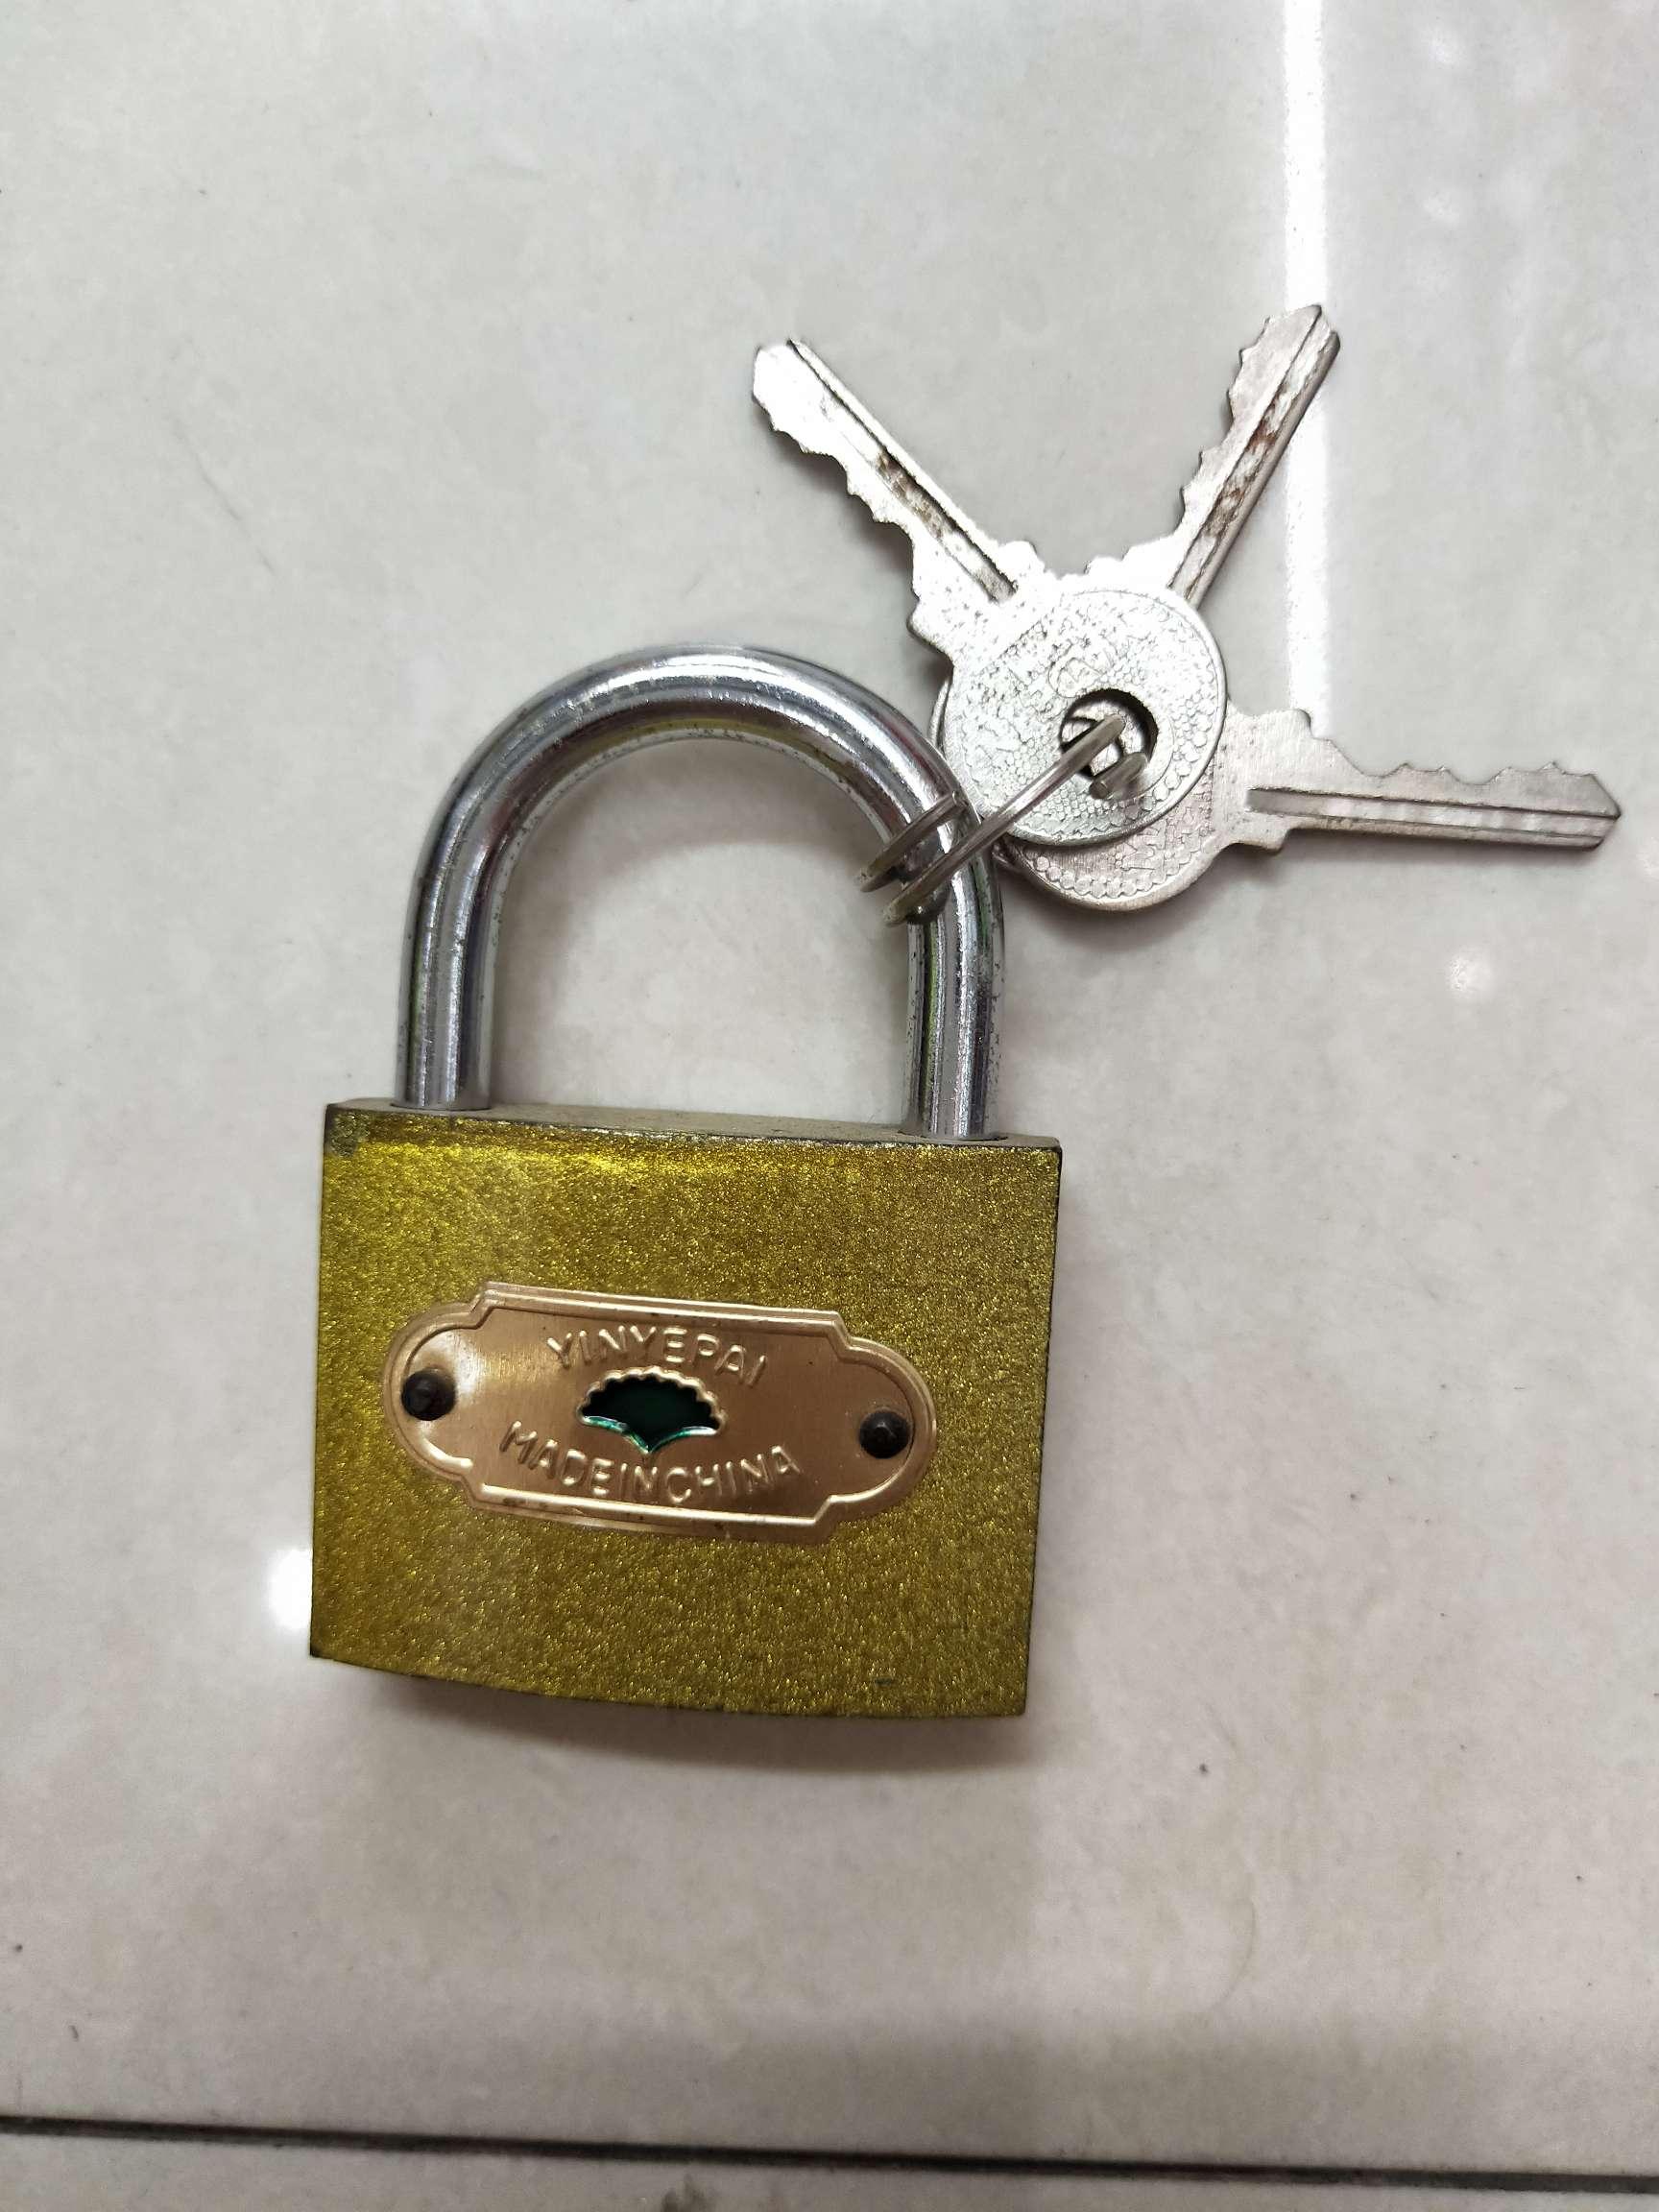 银叶50mm仿铜锁 箱包锁 抽屉小锁头 学校专用防铜小挂锁 厂价直销